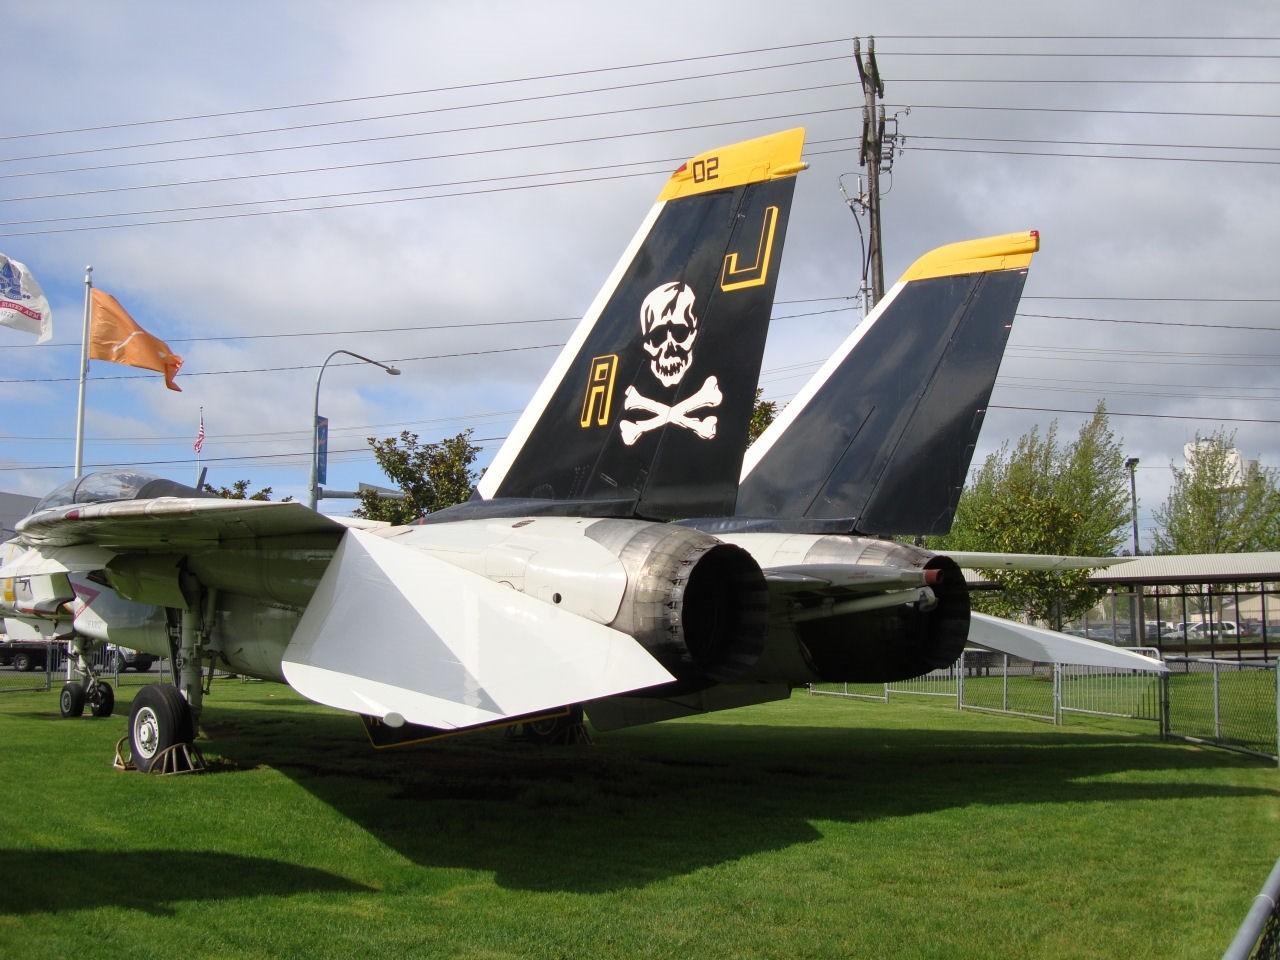 Elmélet F-14 Tomcat